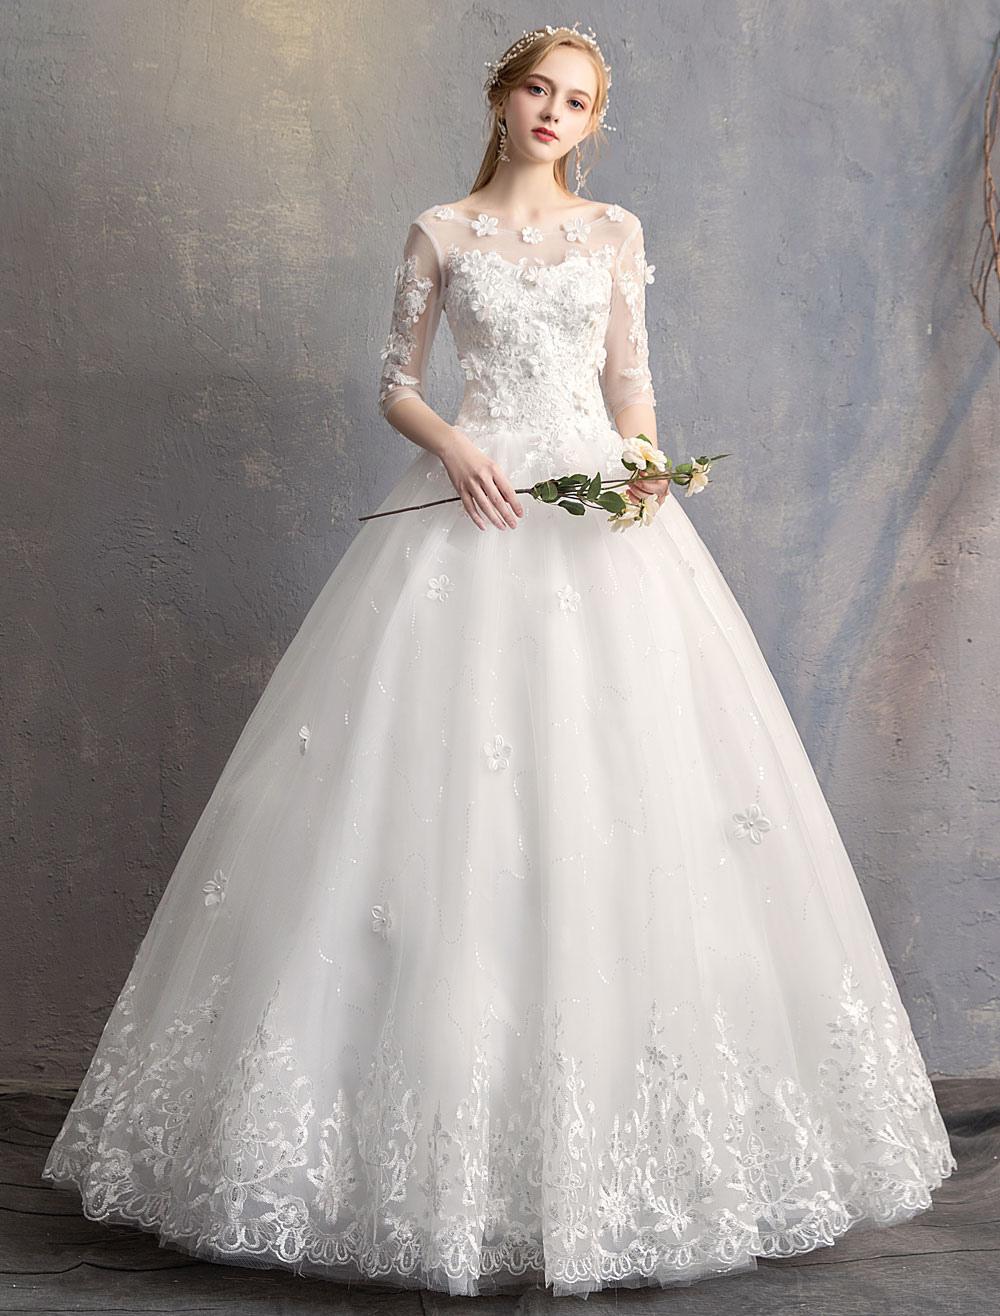 Prinzessin Ballkleid Brautkleider Blumen 11D Spitze Elfenbein halbe  bodenlangen Brautkleid